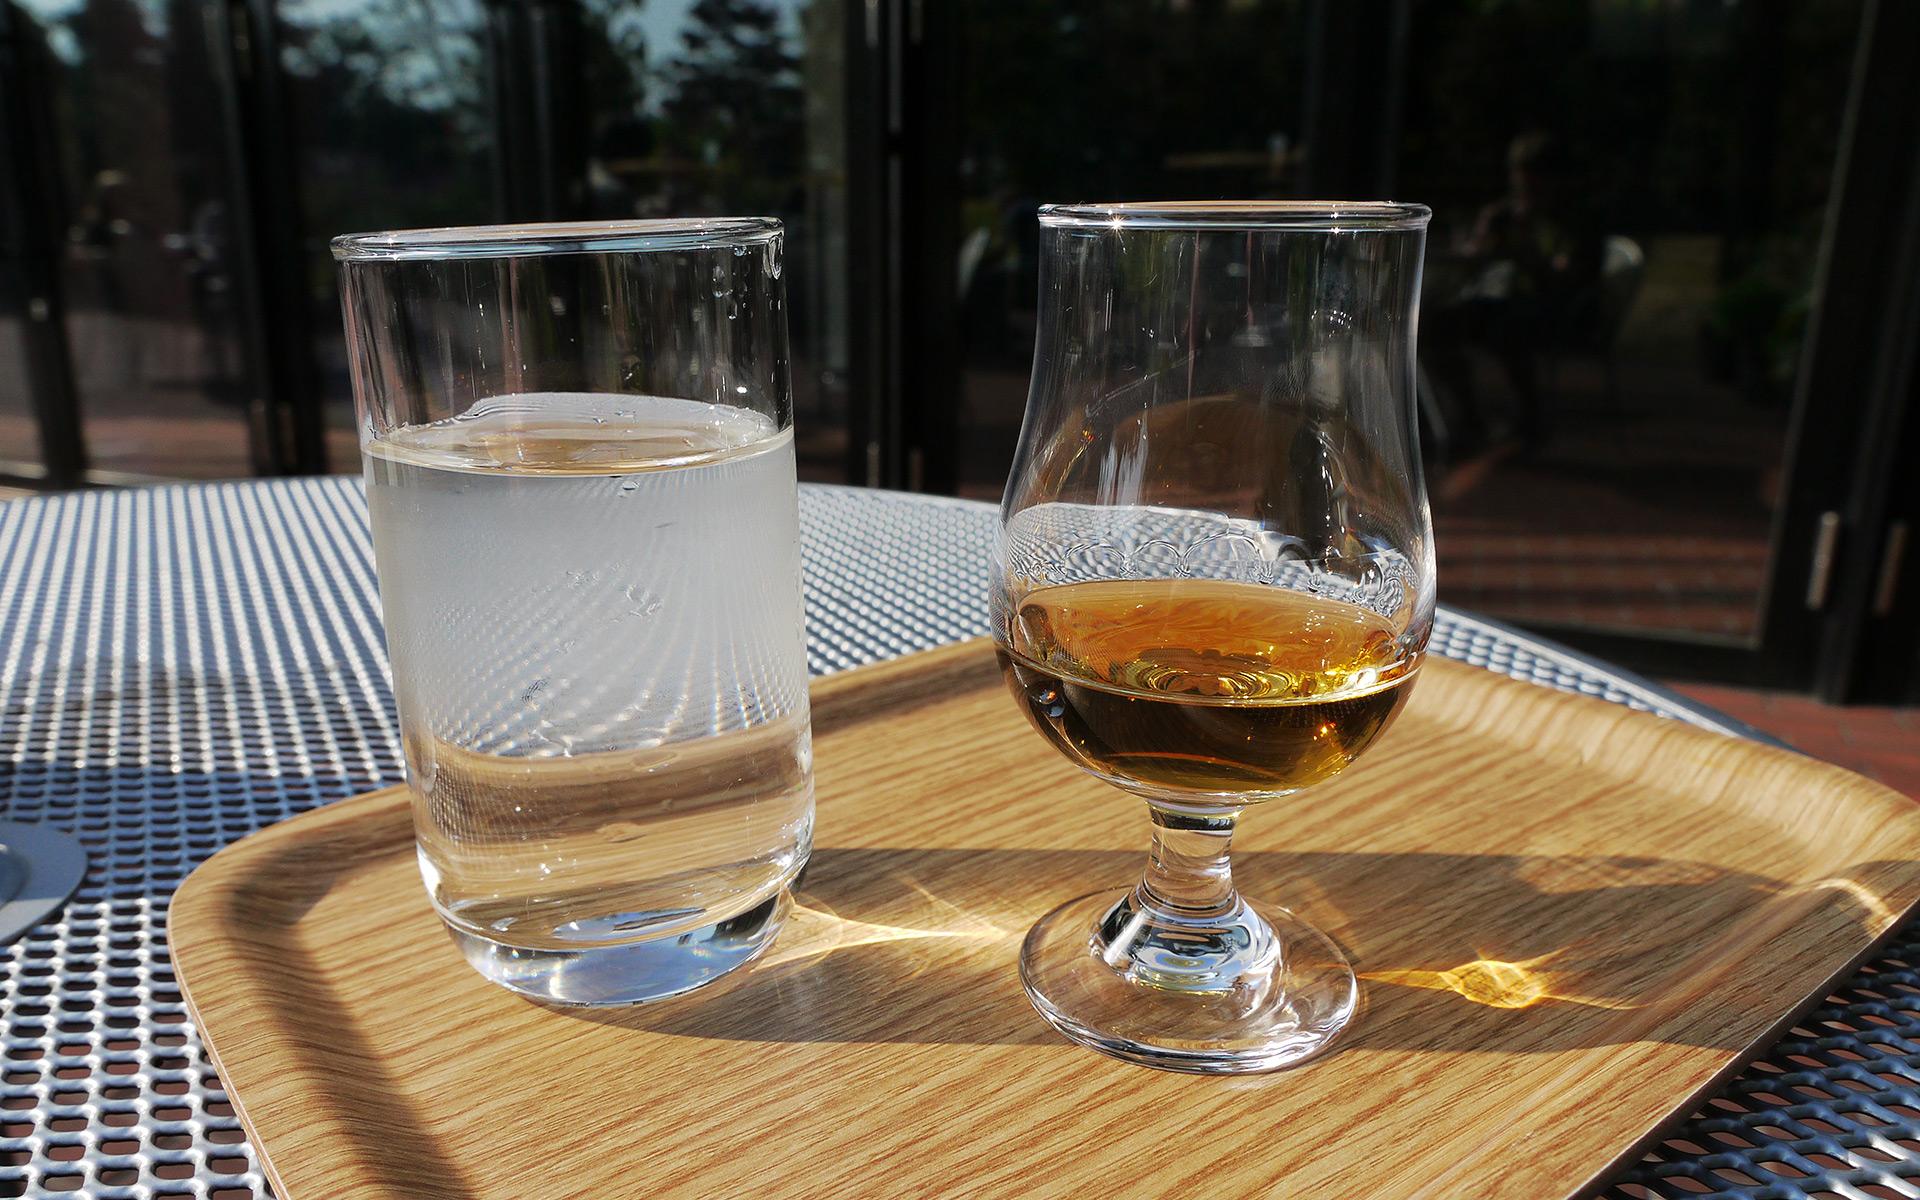 Einer der gefragtesten Blends der Welt ganz unscheinbar im Glas (Foto: Malt Whisky)